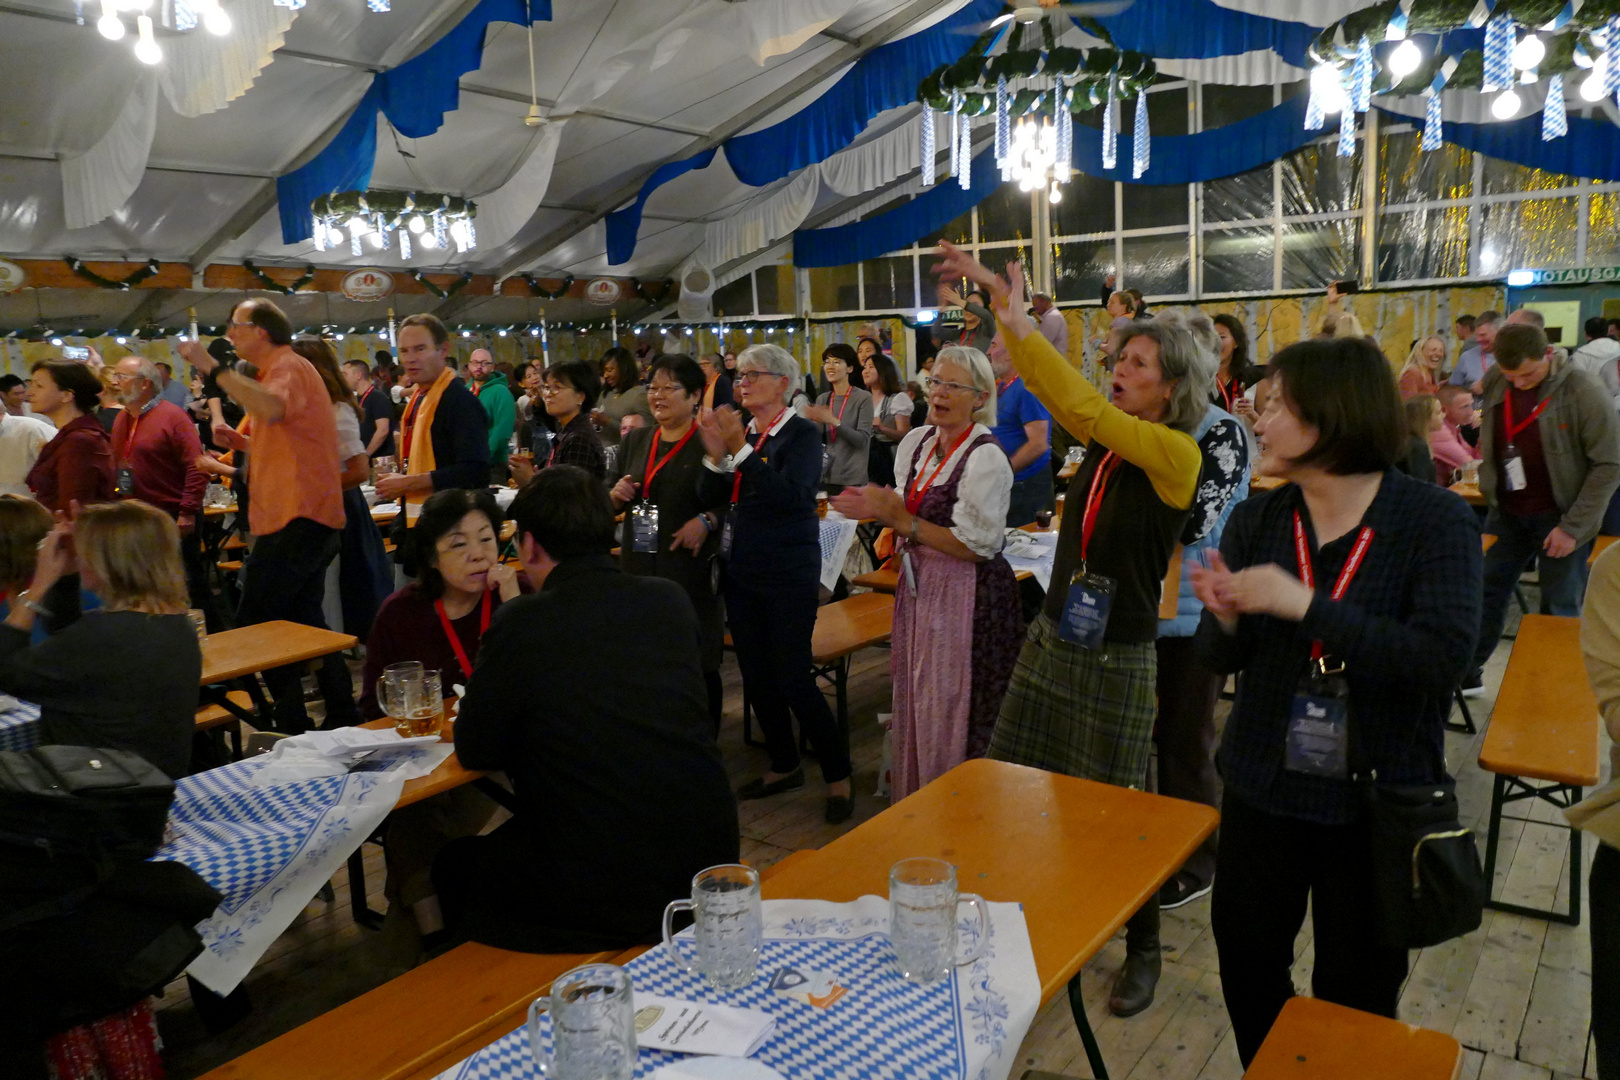 25. IAVE Welt-Freiwilligenkonferenz 2018 in Augsburg - Deutschland - 19.10.2018 Bavarian Evening - Foto: Christoph Urban - Freiwilligen-Zentrum Augsburg